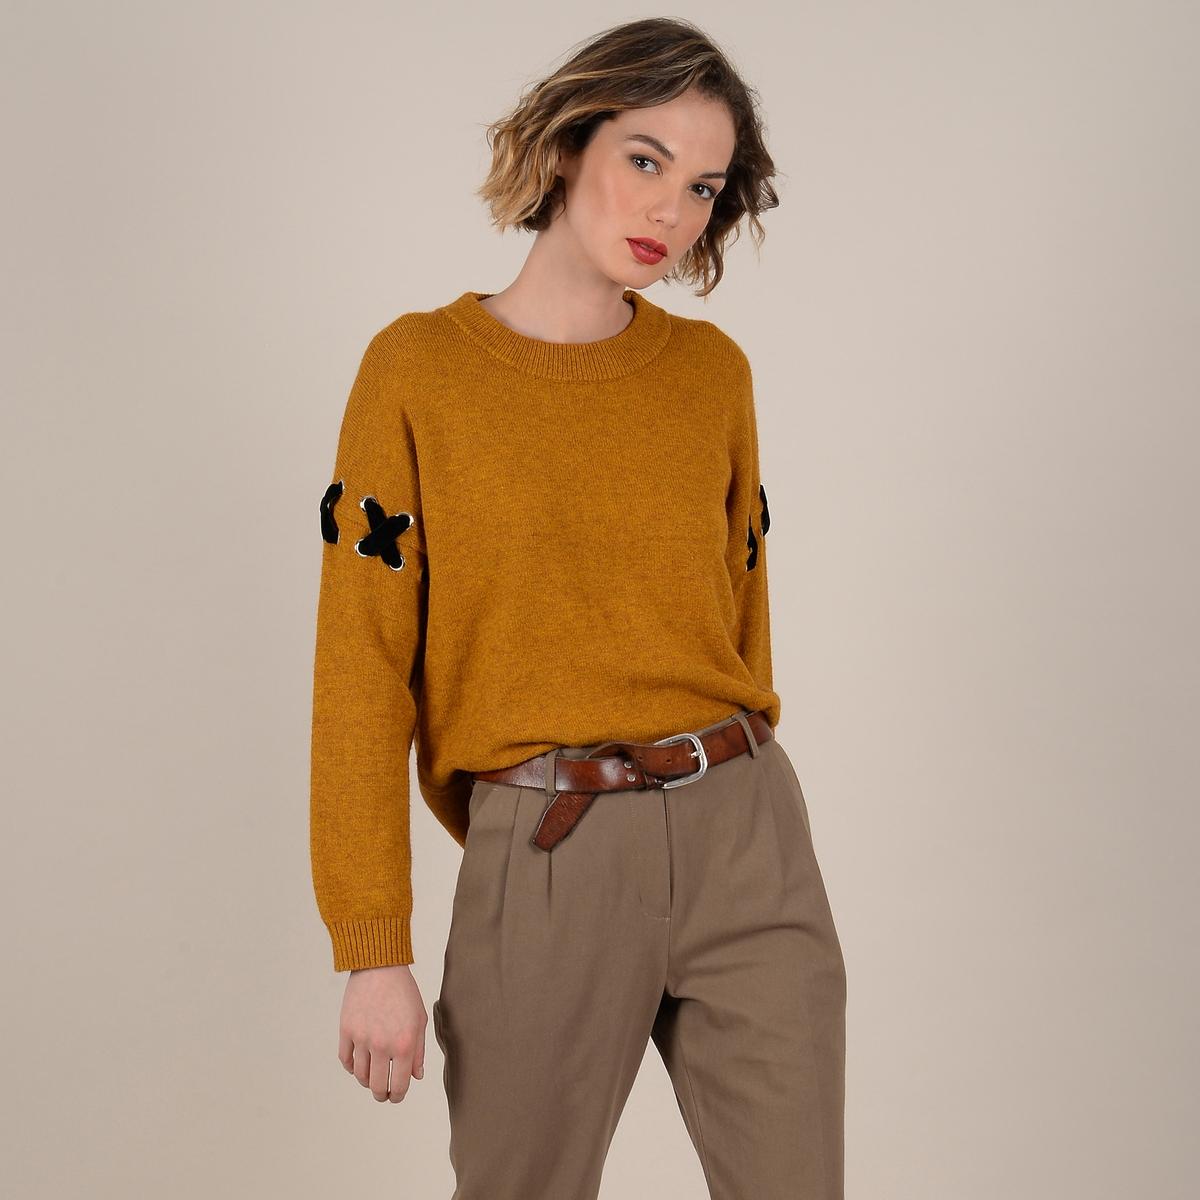 Пуловер La Redoute С круглым вырезом из плотного трикотажа M желтый пуловер la redoute с круглым вырезом из плотного трикотажа 3xl бежевый